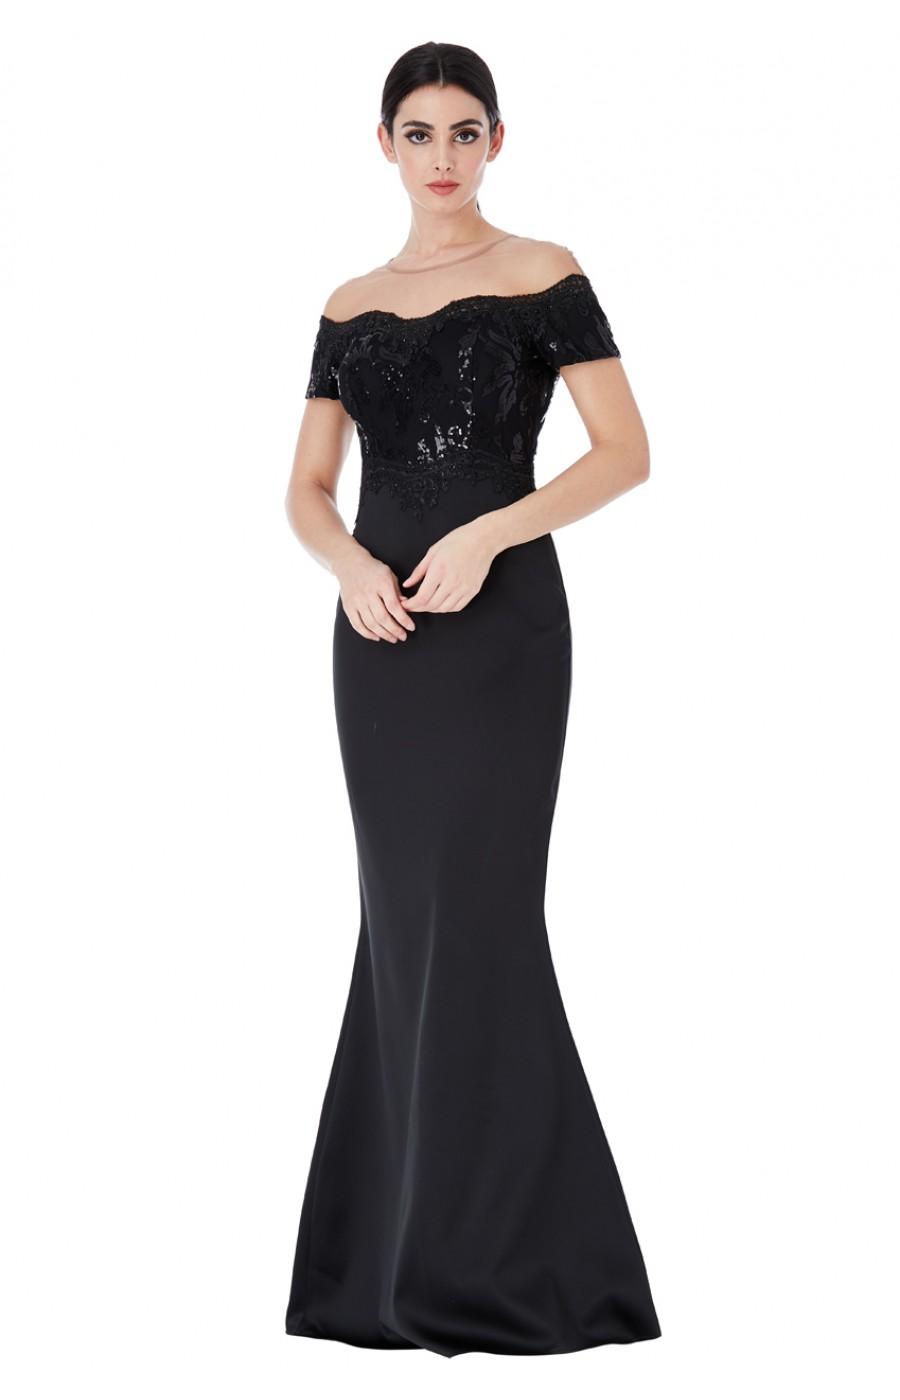 Επίσημο μακρύ μαύρο φόρεμα